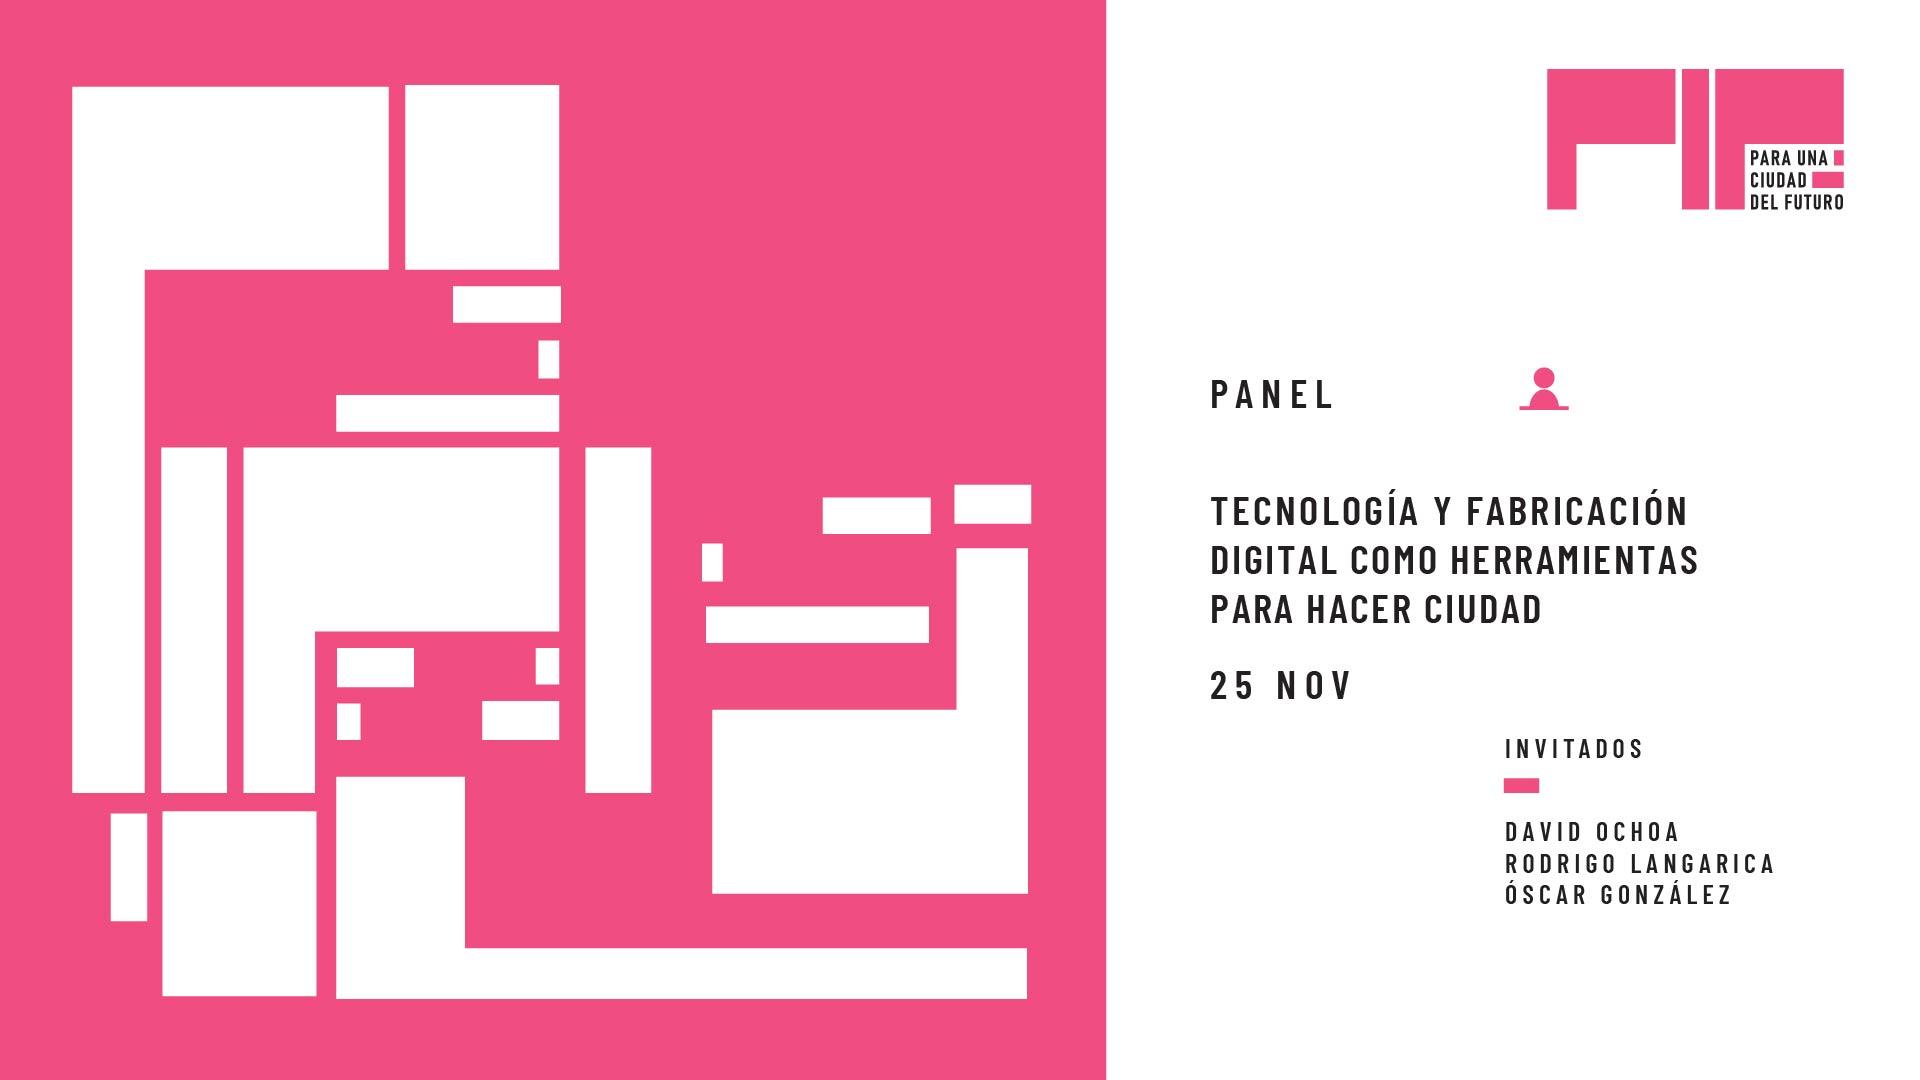 Tecnología y Fabricación Digital: herramientas para hacer ciudad